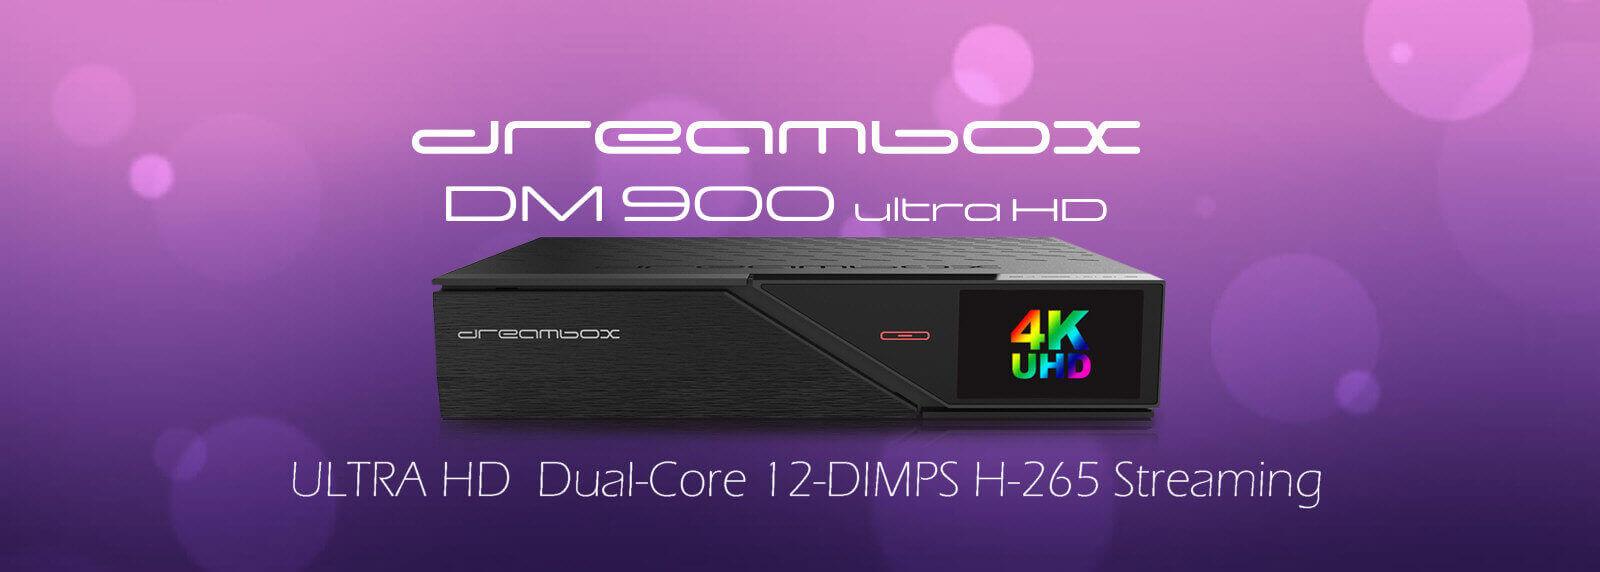 Dreambox DM900 ultraHD 4K